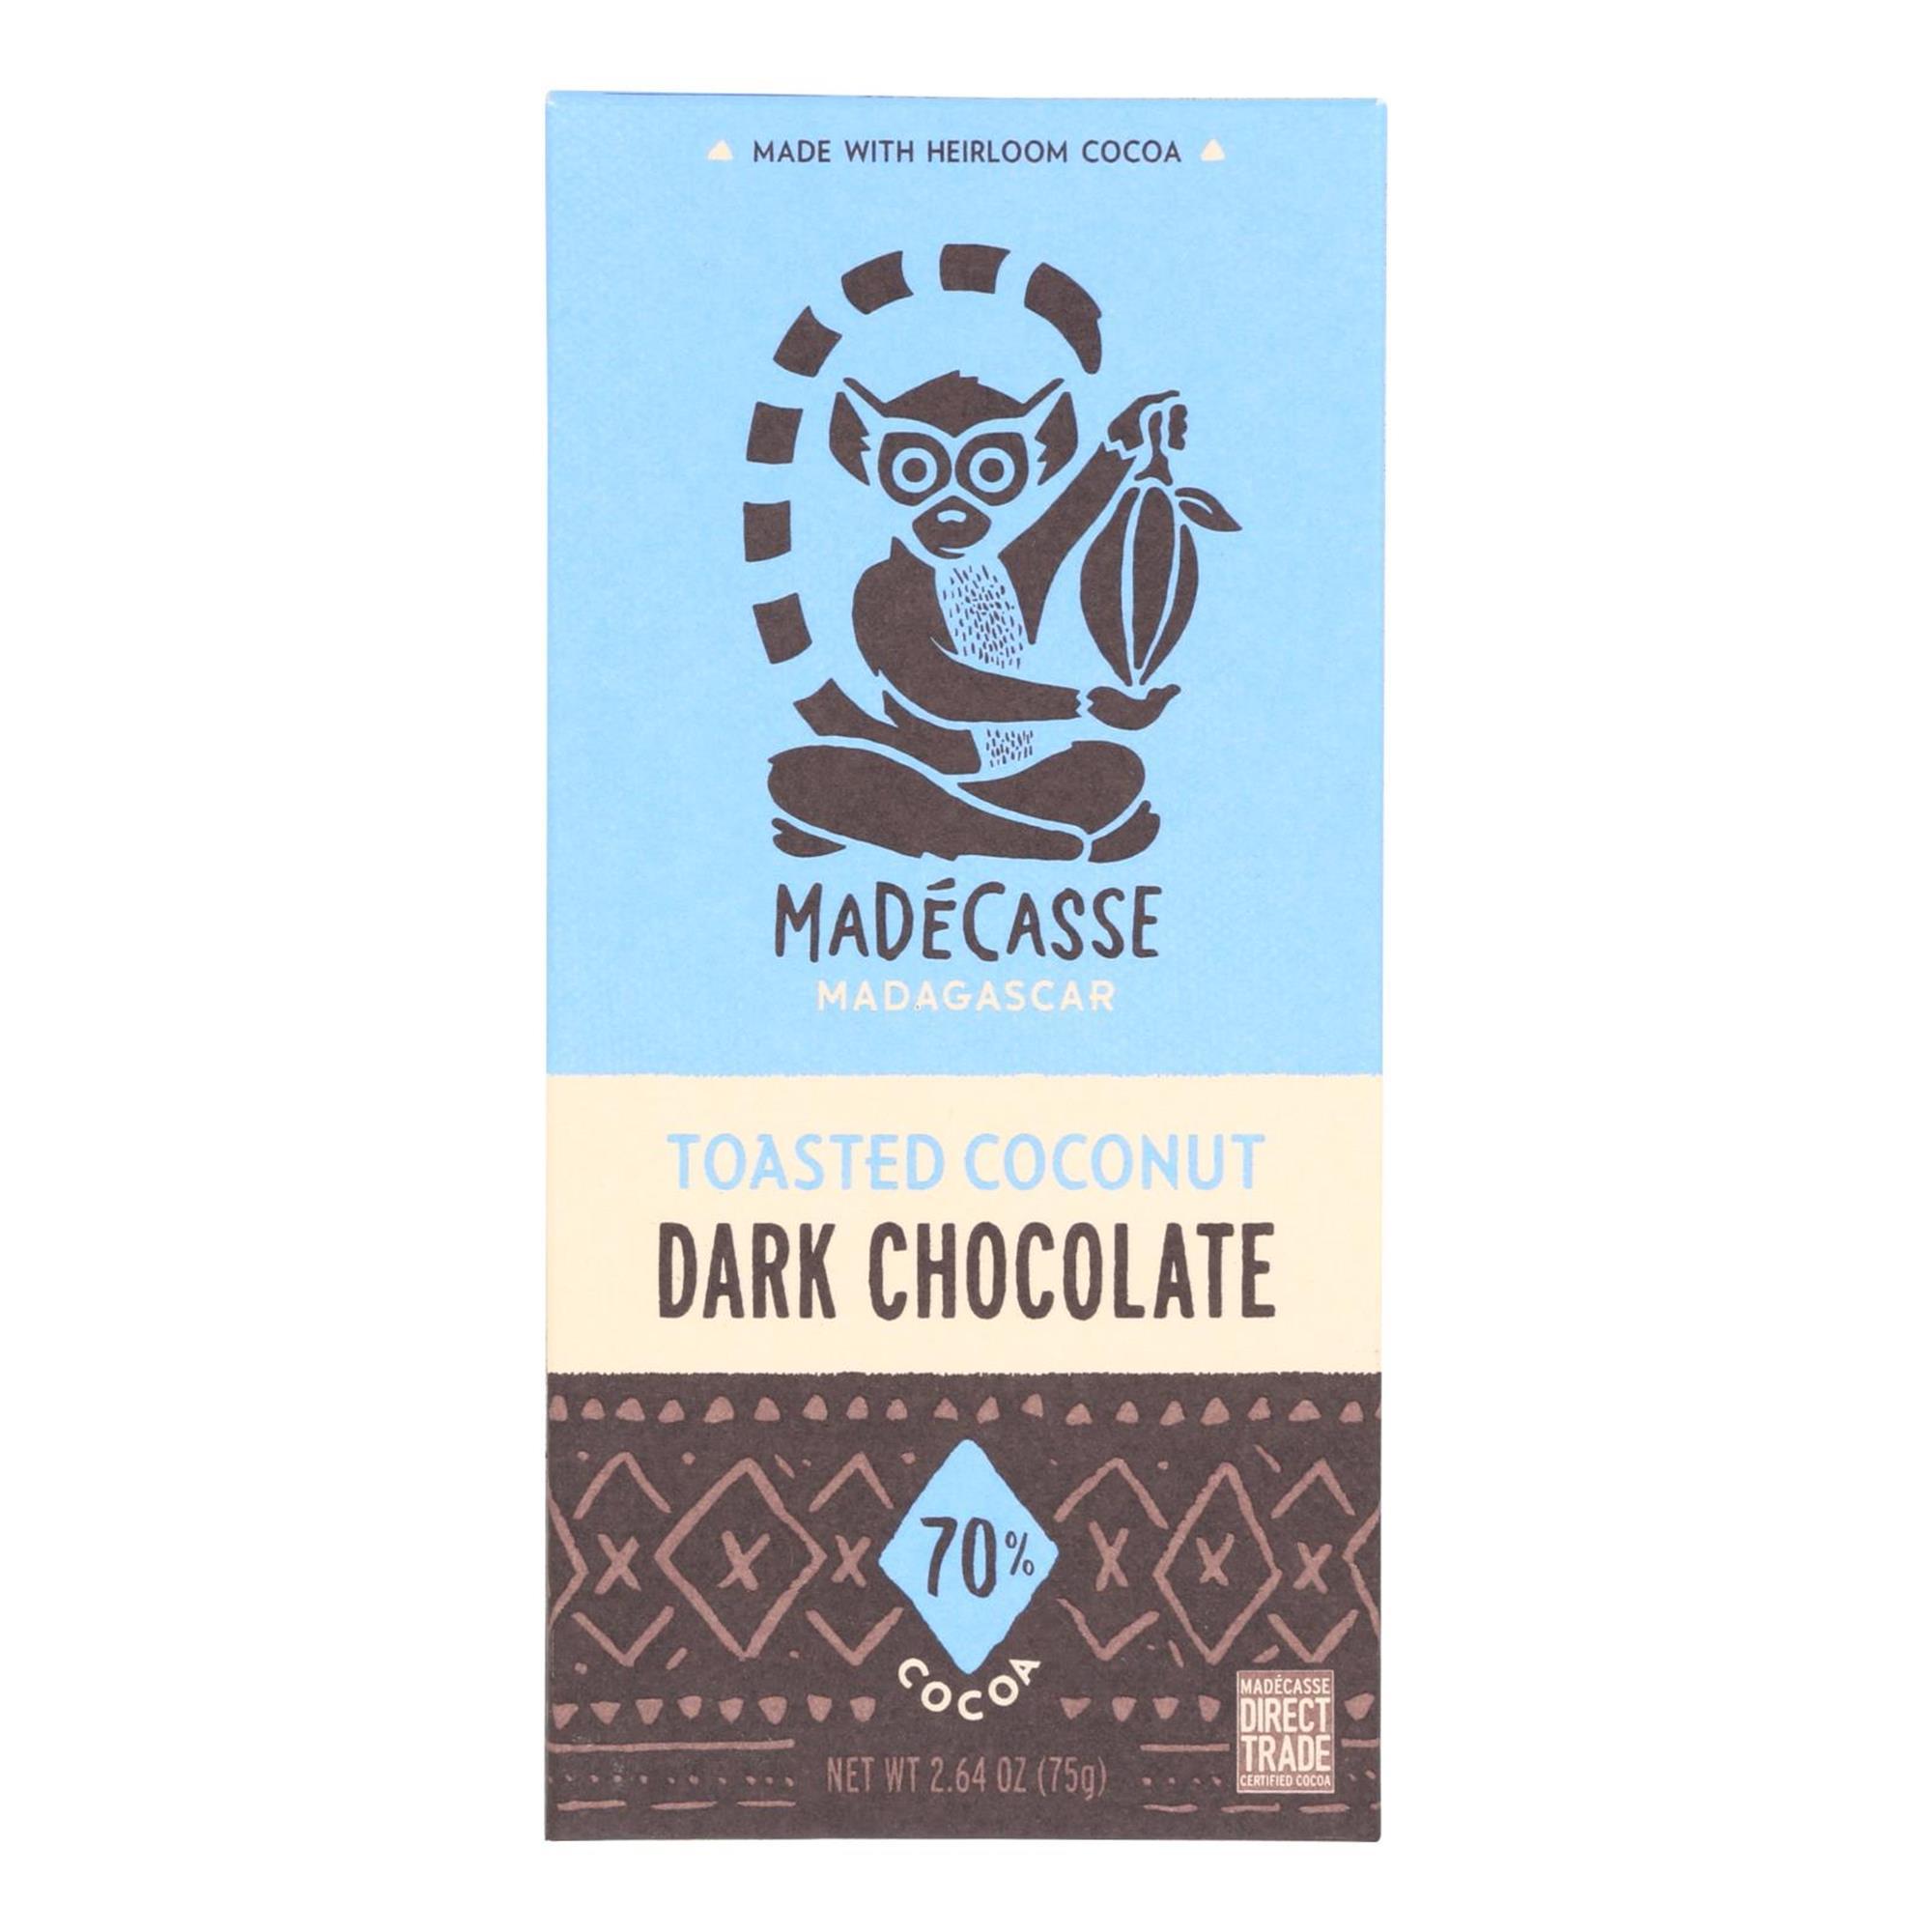 Madecasse Tst Coconut 63% DkChocolate (10x2.64OZ )